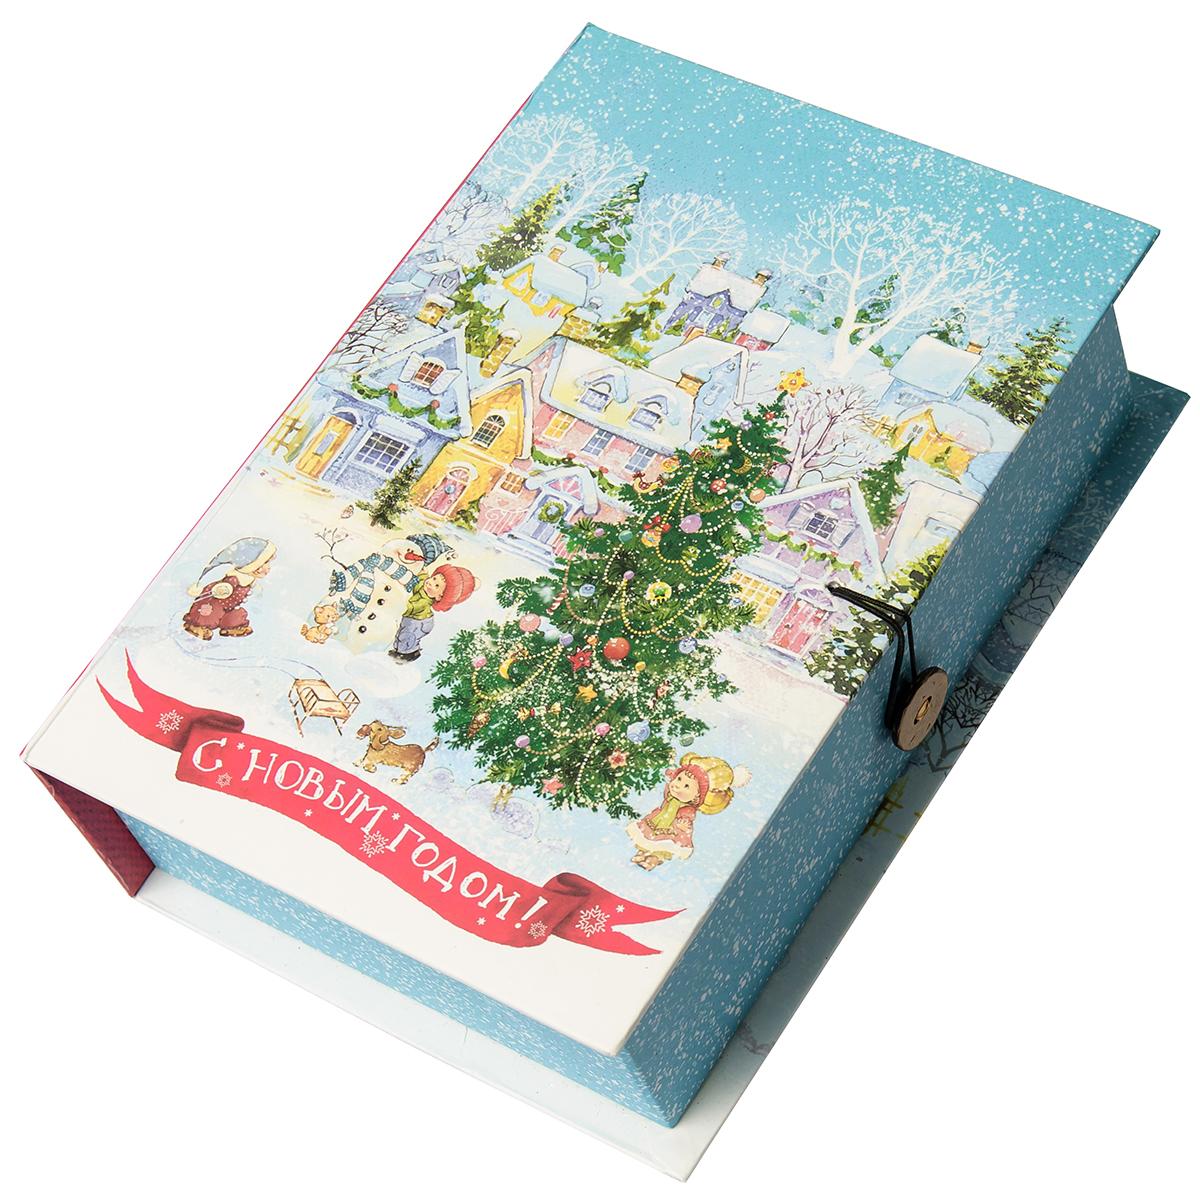 Коробка подарочная Magic Time Новогодняя площадь, размер S. 7504075040Подарочная коробка Новогодняя площадь-S из мелованного, ламинированного, негофрированного картона плотностью 1100 г, м2, с полноцветным декоративным рисунком на внутренней и наружной части, 18x12x5, артикул 75040